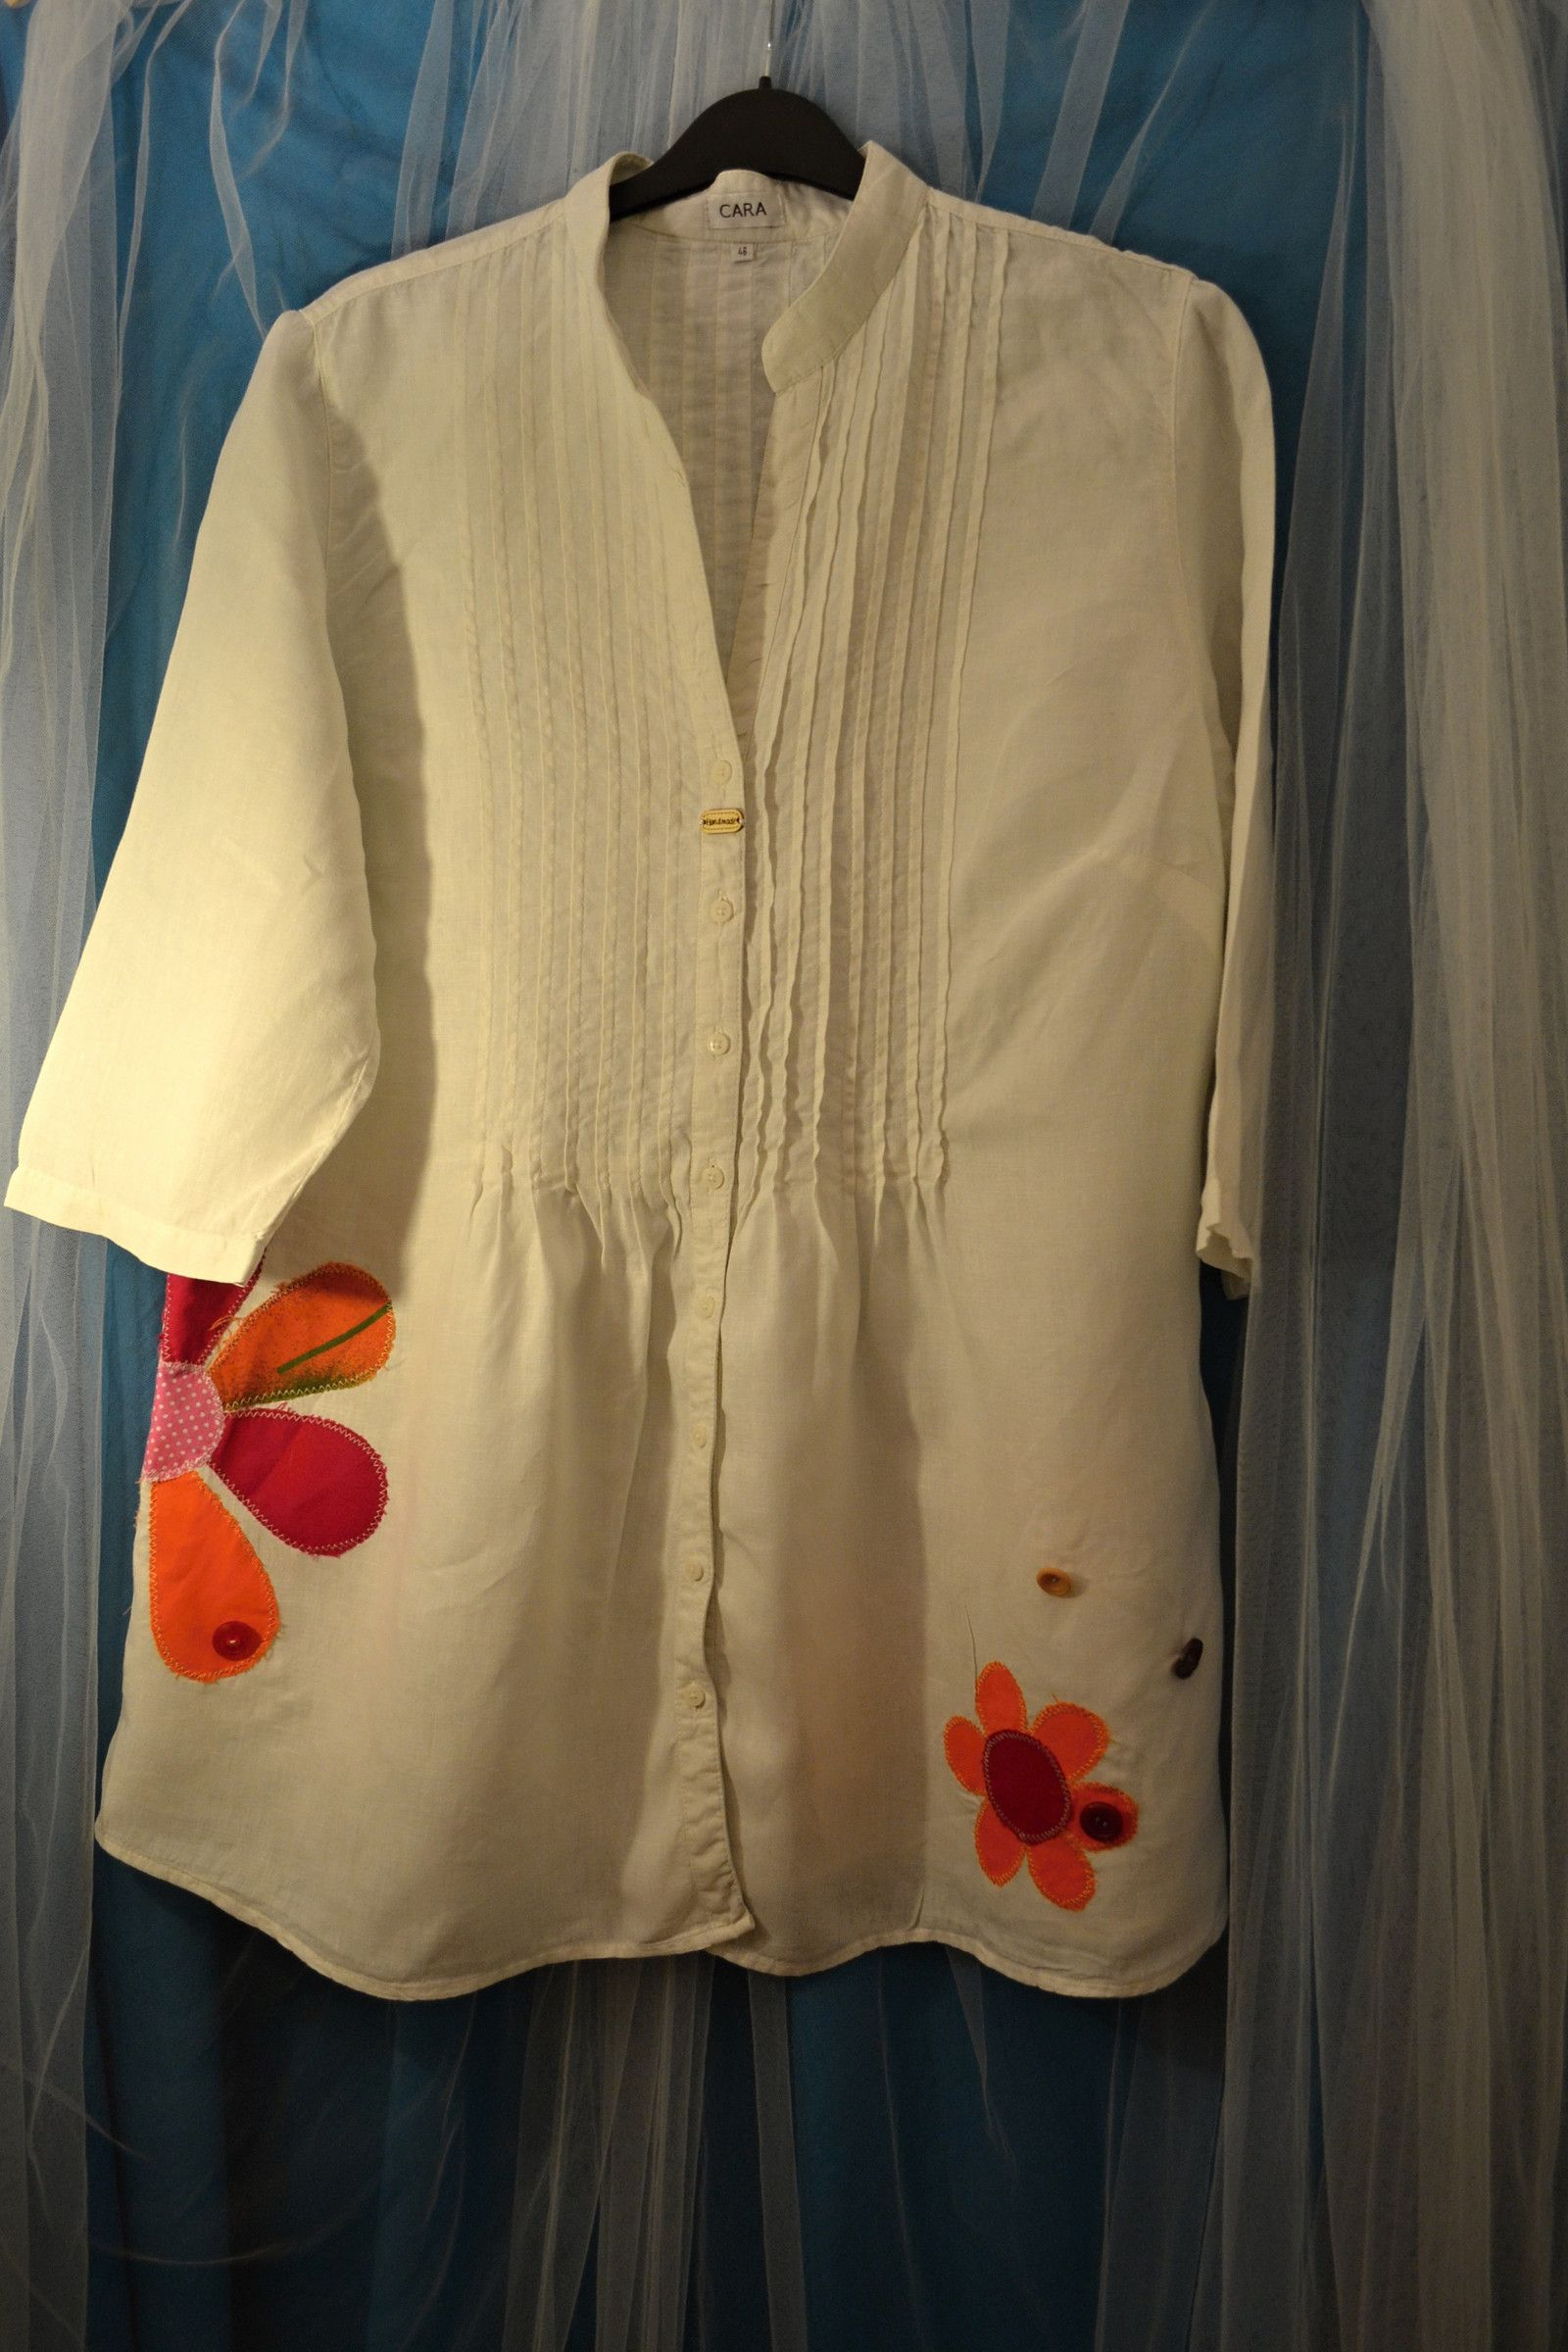 Čistě+bílá+lněná+recy+košile+Malířka+vel.46+Krásná+lněná+košile+Cara ... ca4f411686